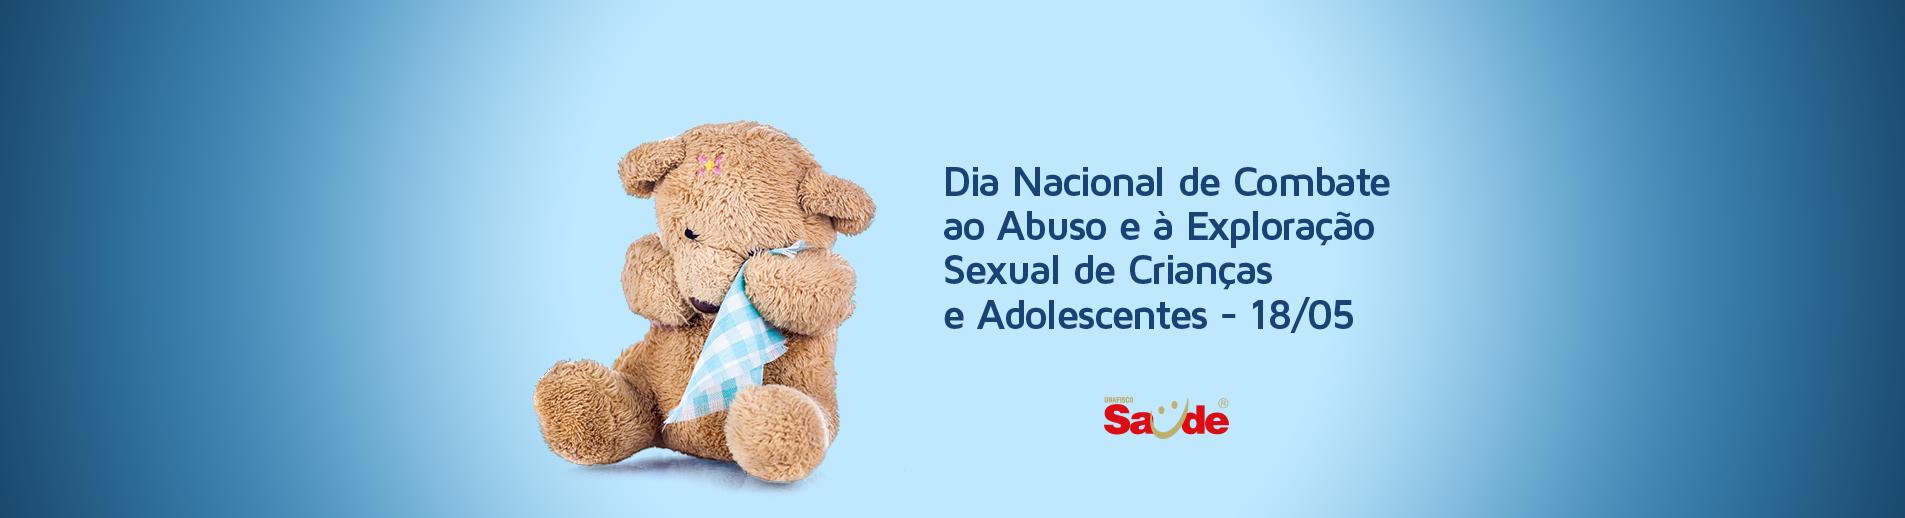 12dbd7720b9b 18 de maio – Dia Nacional de Combate ao Abuso e à Exploração Sexual de  Crianças e Adolescentes